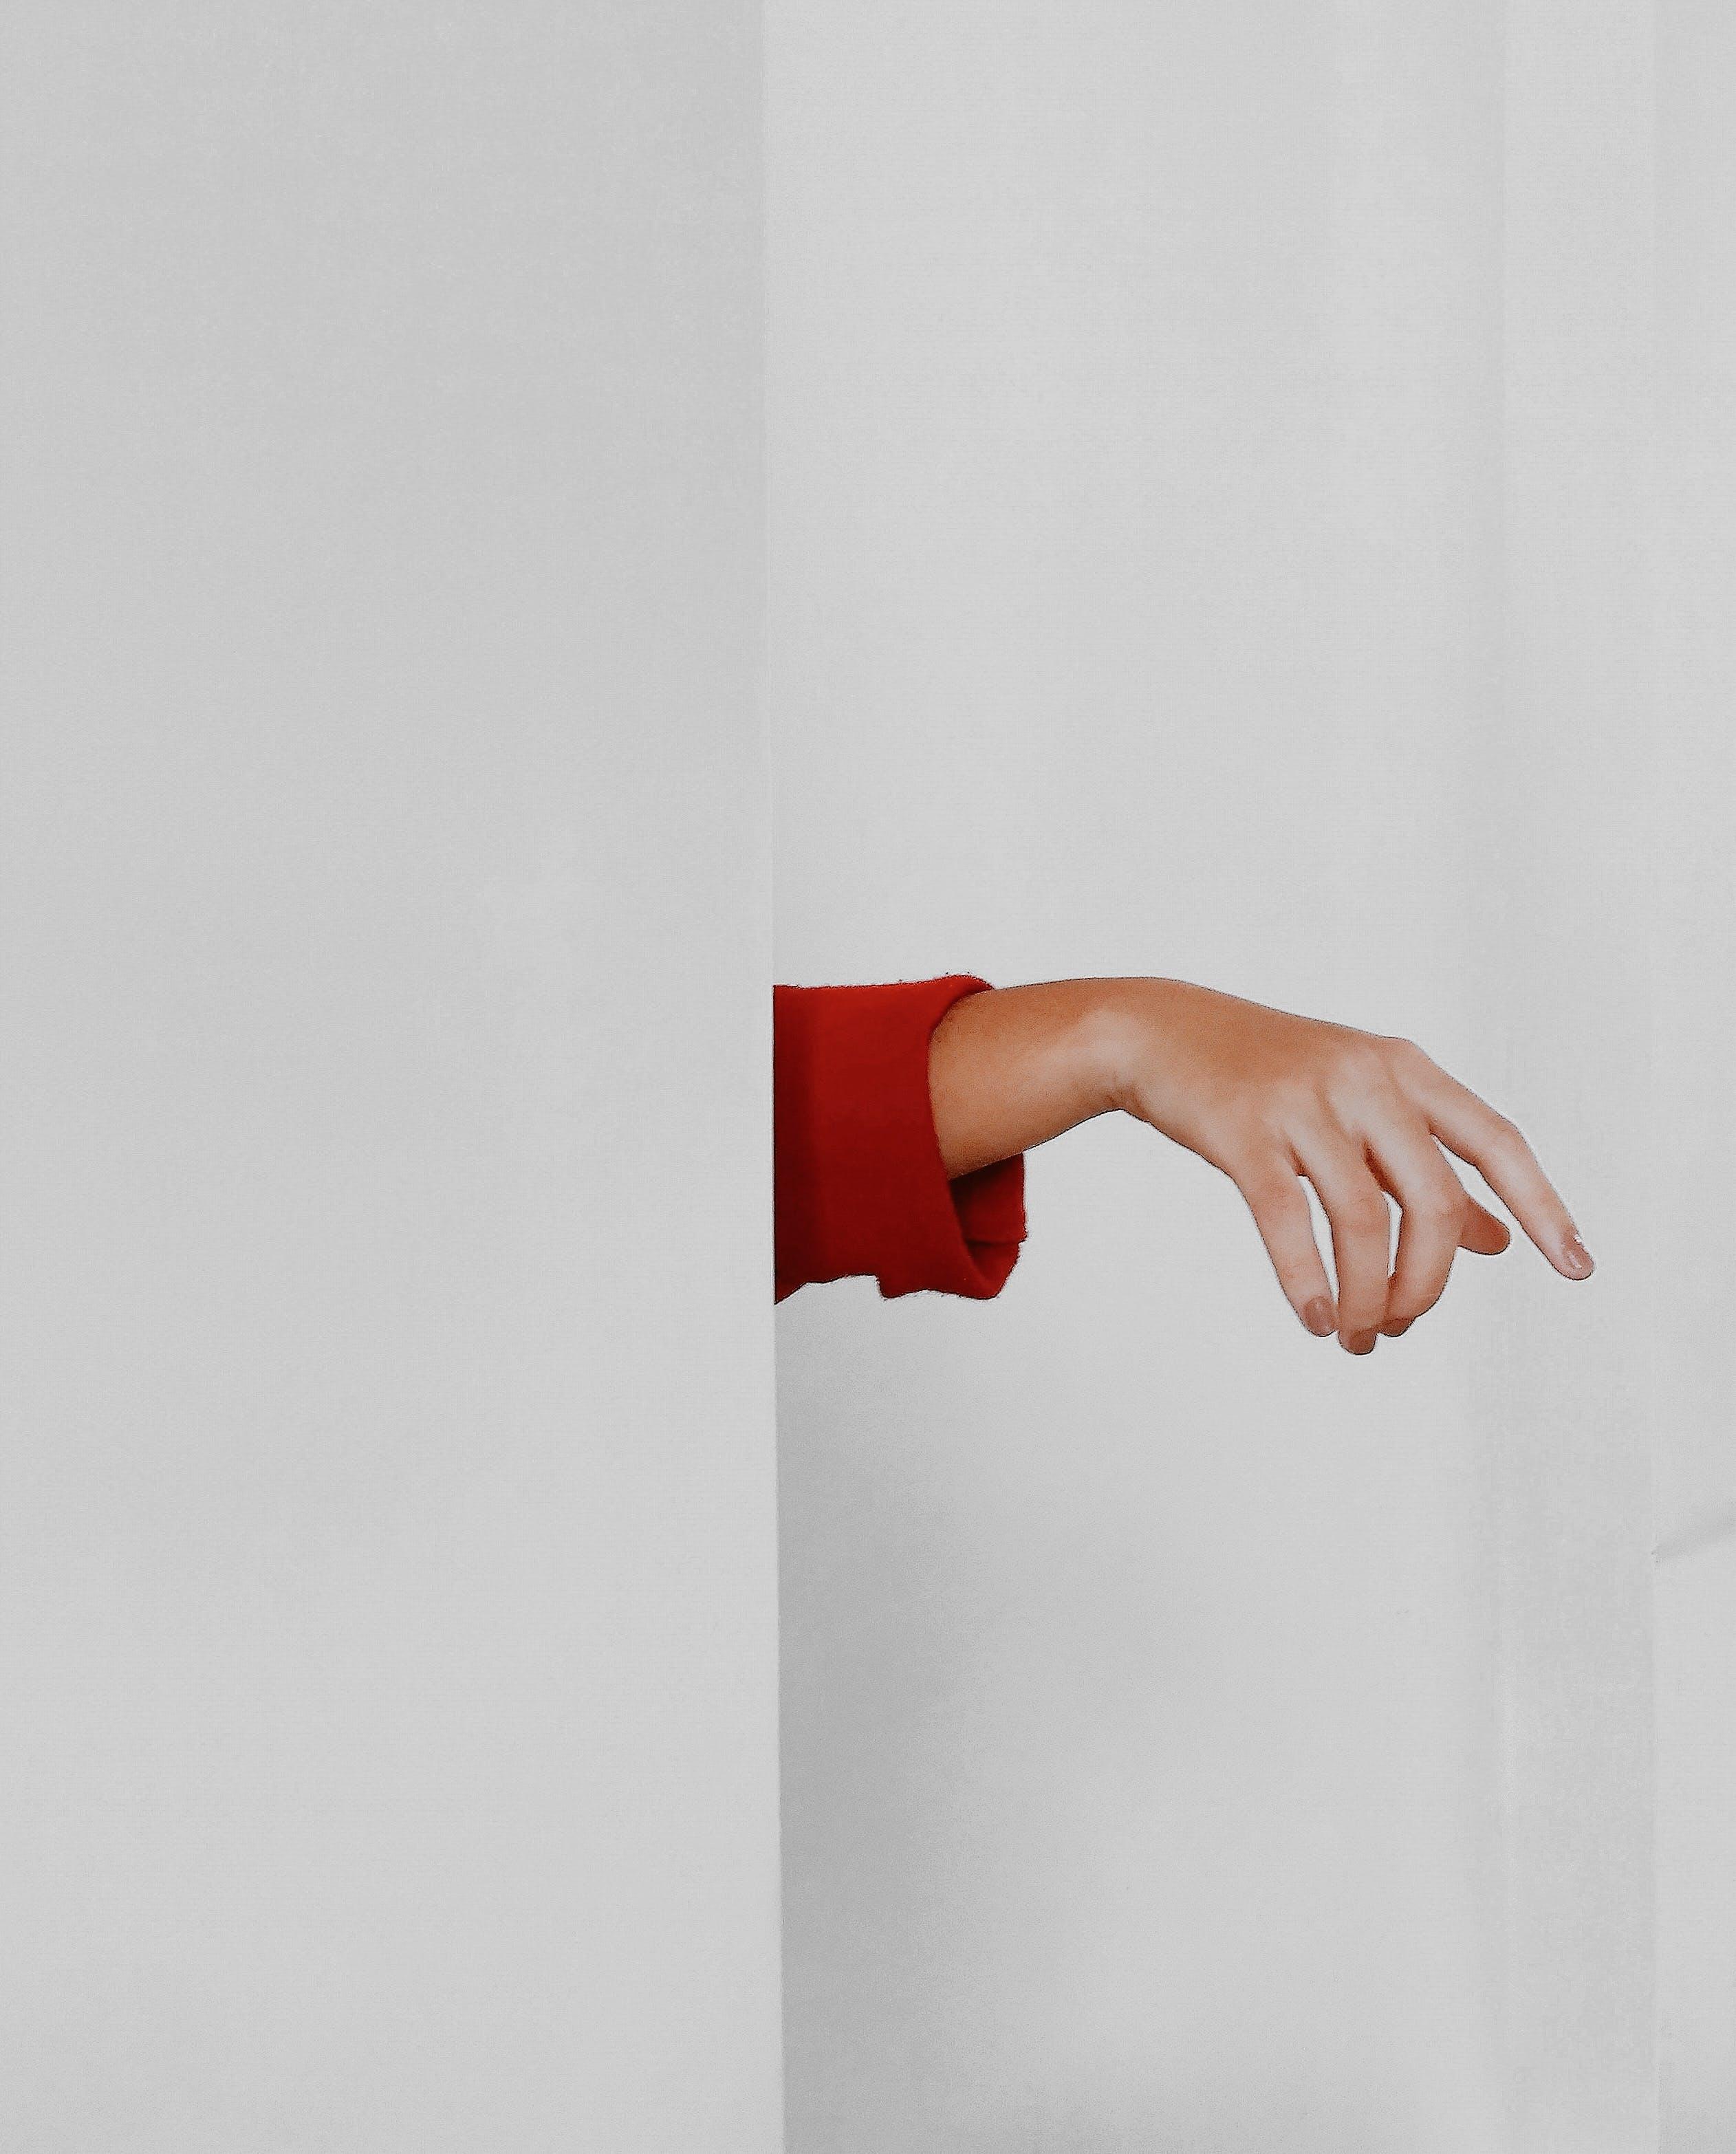 Gratis lagerfoto af hånd, hvid væg, indendørs, konceptuel